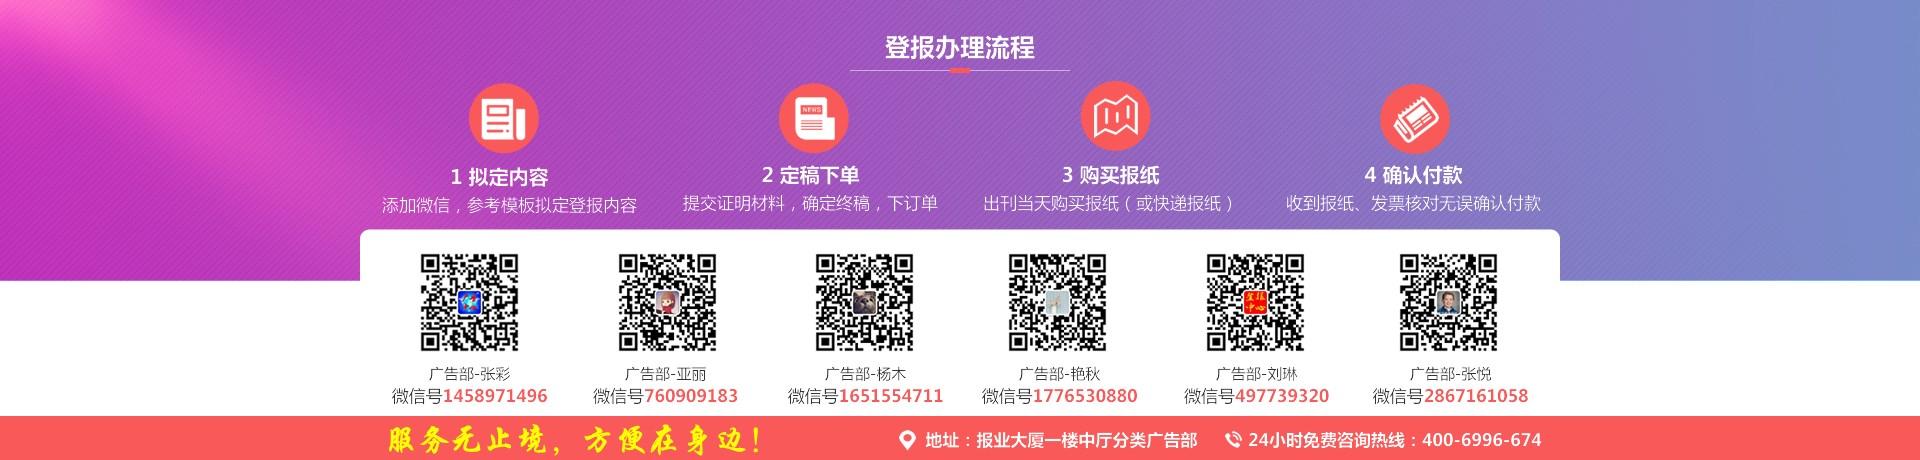 惠州日报登报挂失-惠州日报登报费用-惠州日报广告部